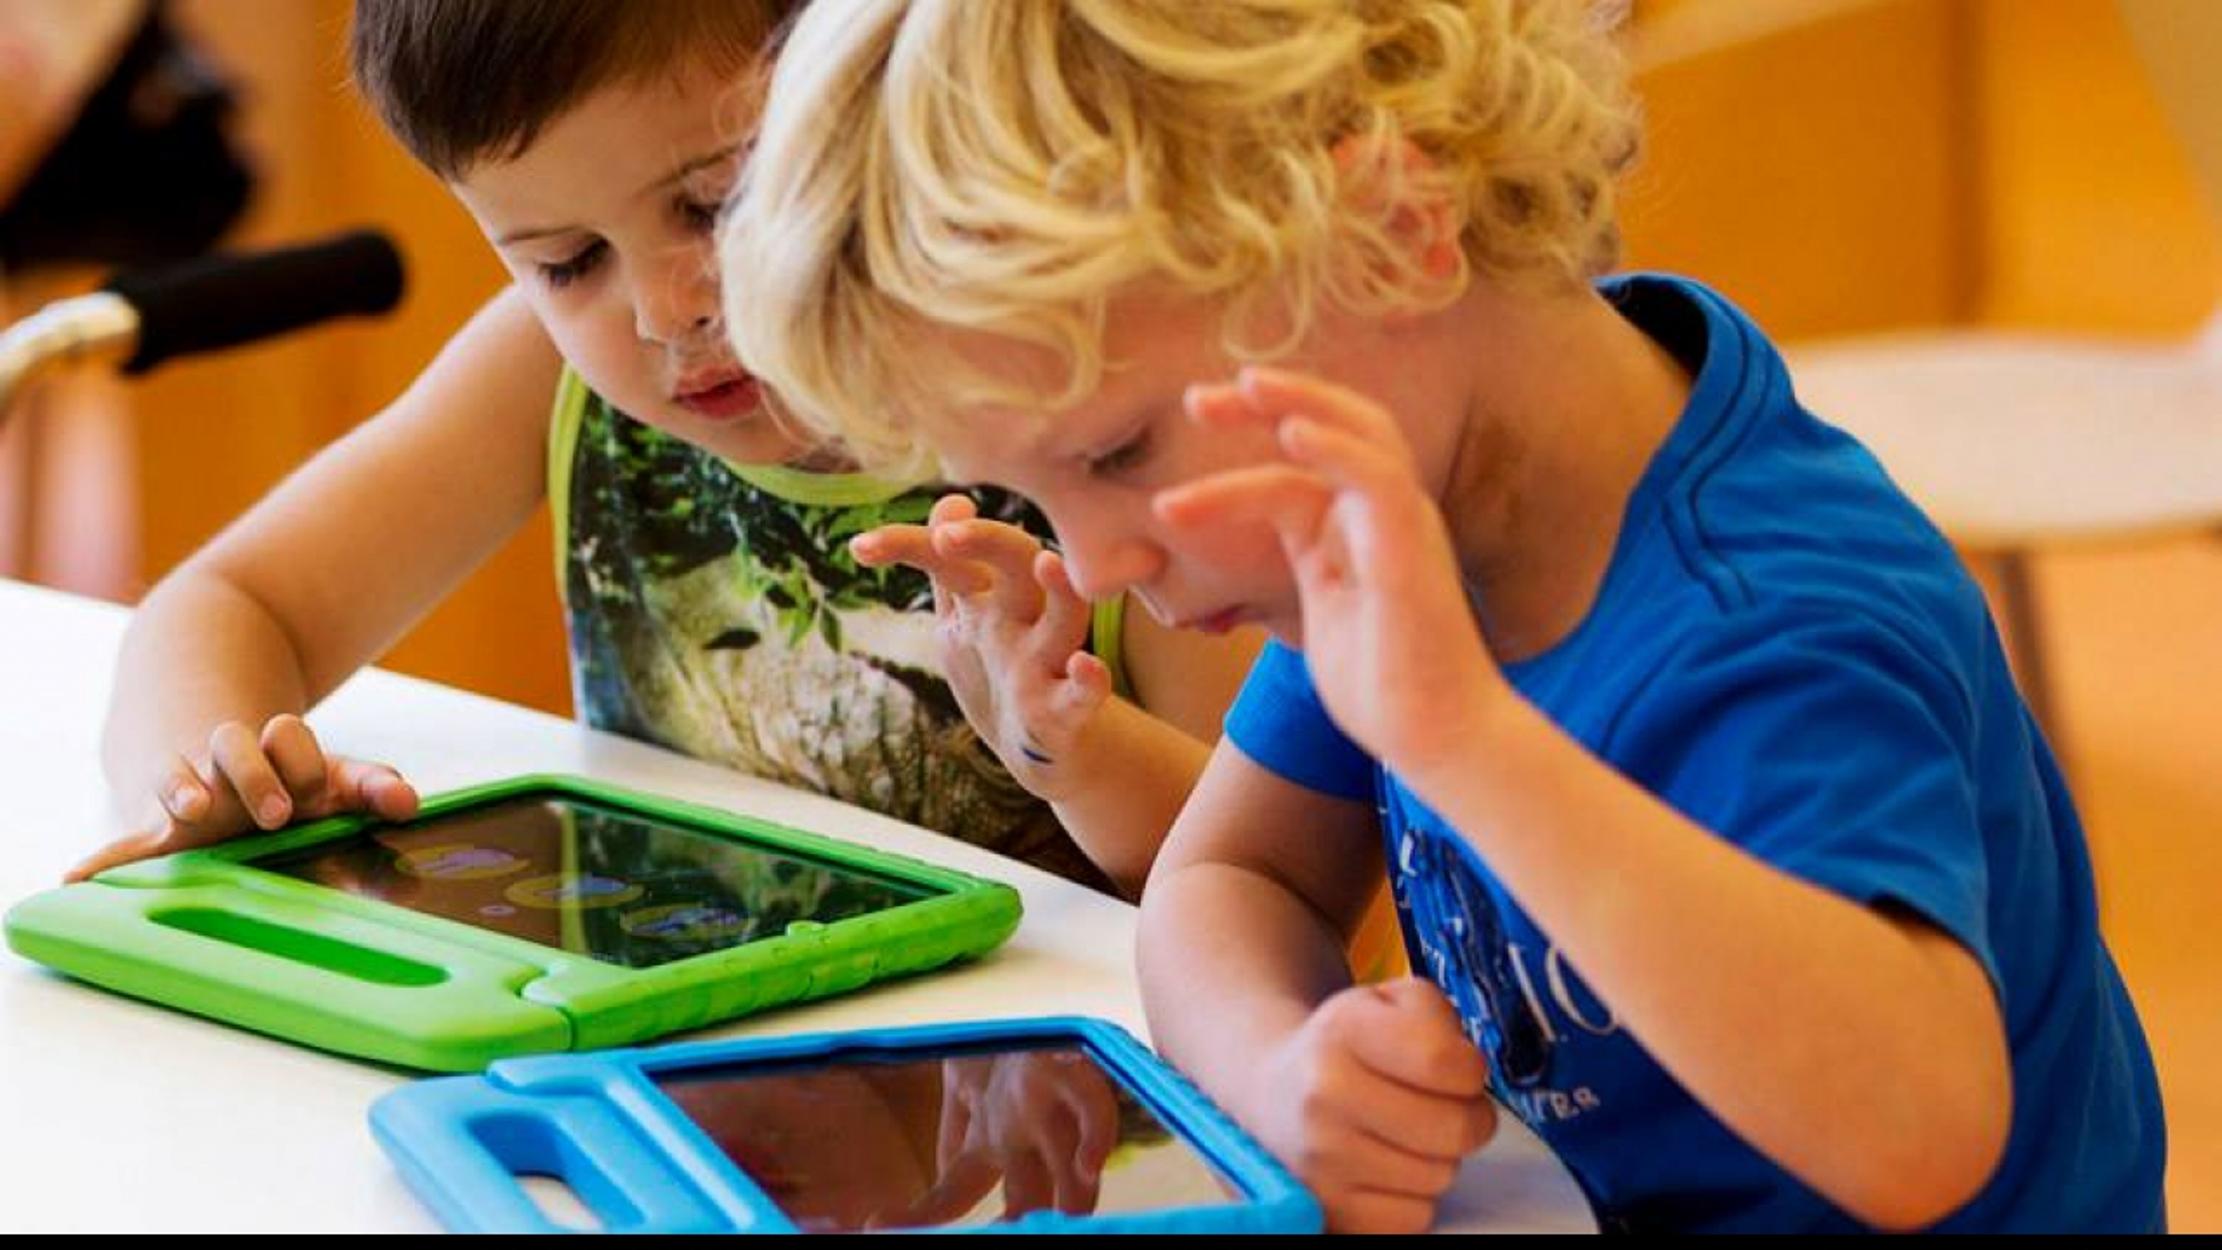 Στοιχεία – σοκ: 9 στα 10 παιδιά ηλικίας 7- 12 χρονών έχουν τάμπλετ ή smartphone!